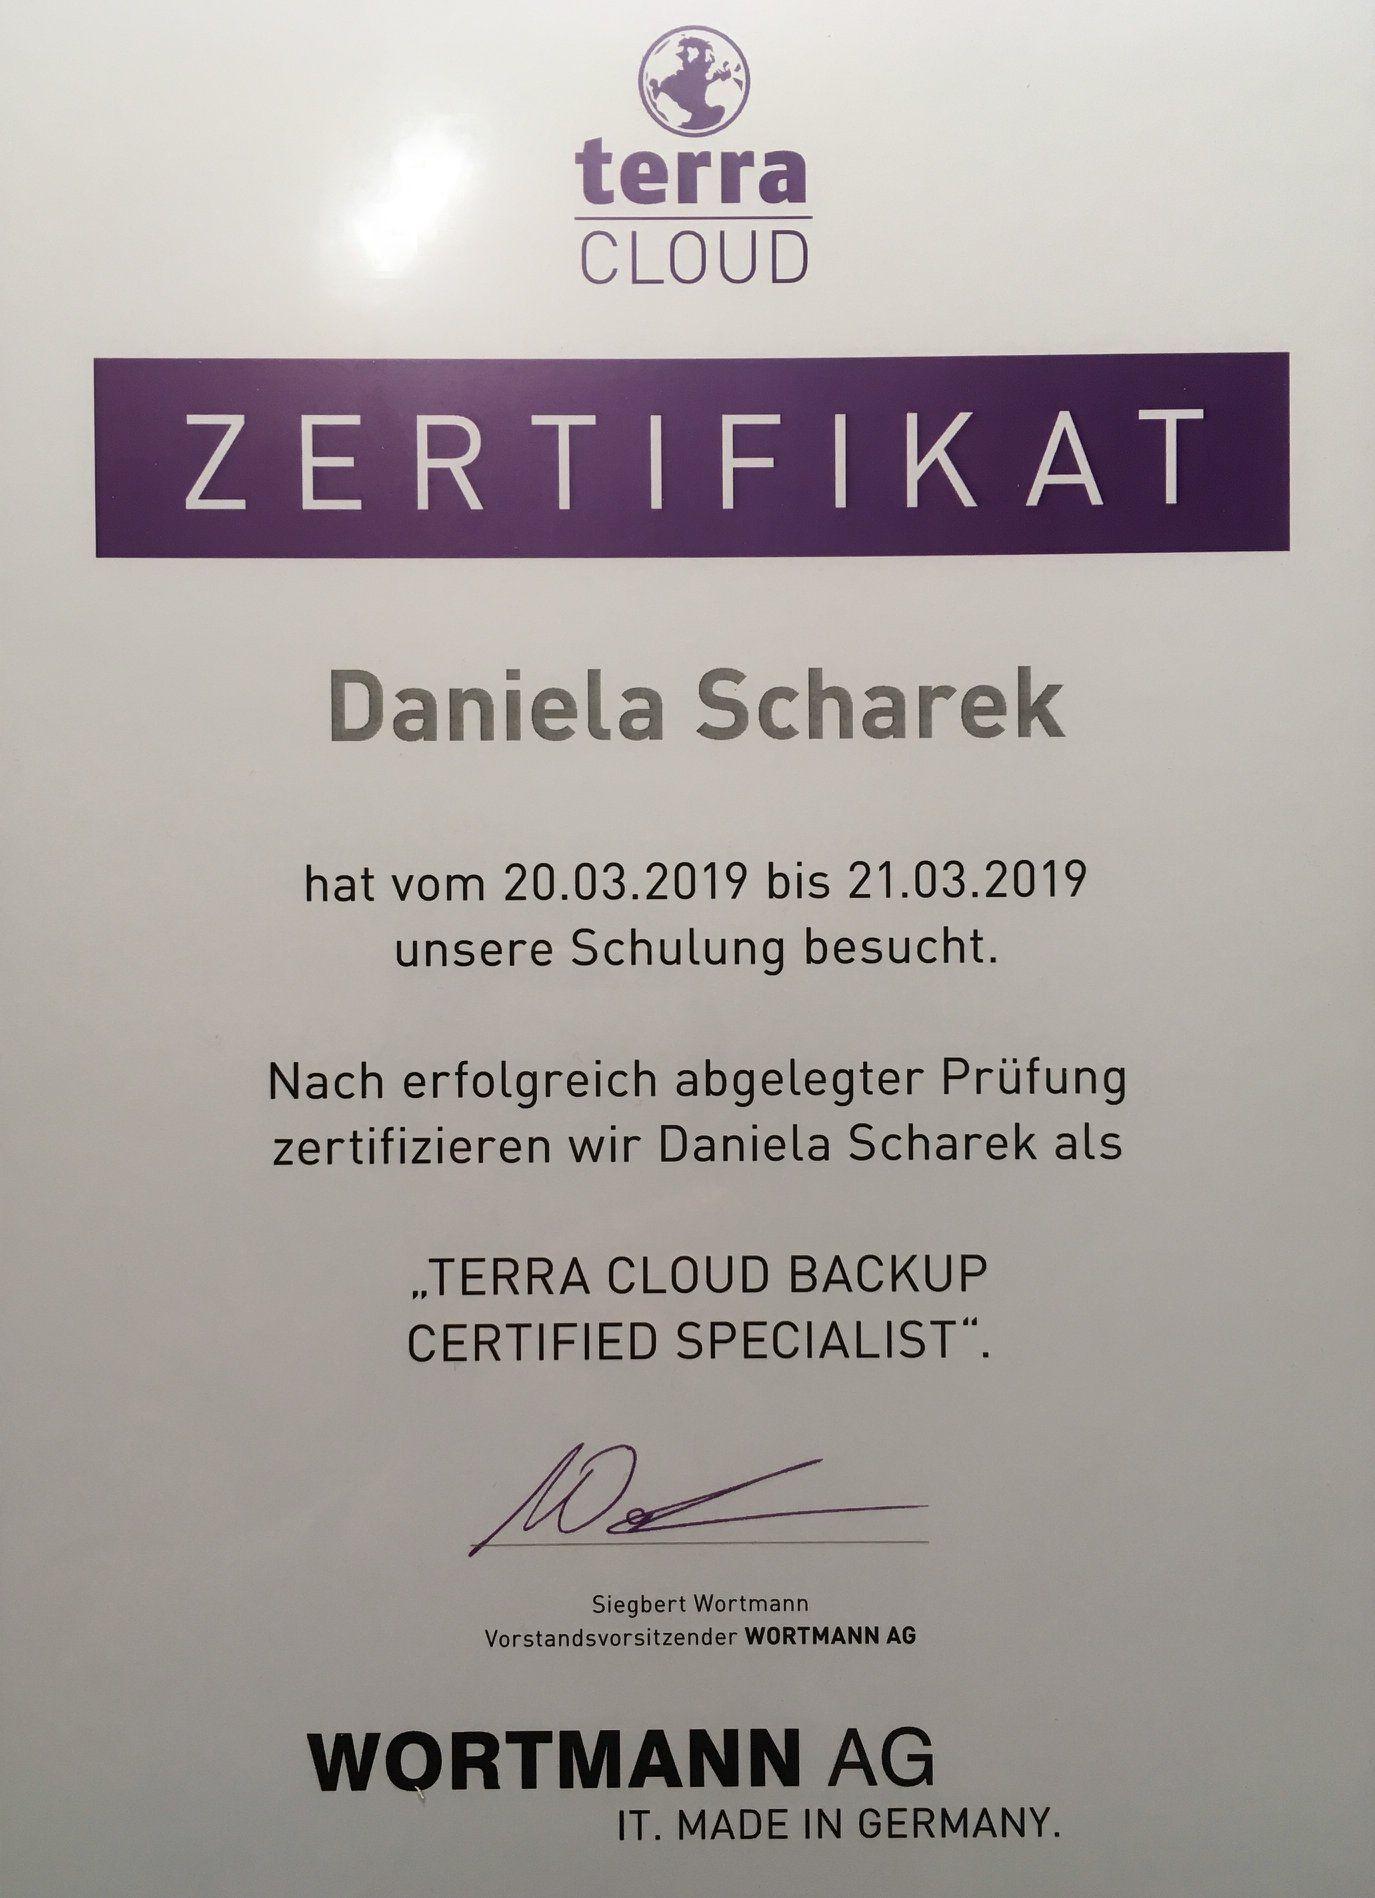 terra Cloud Backup Certified Specialist 1